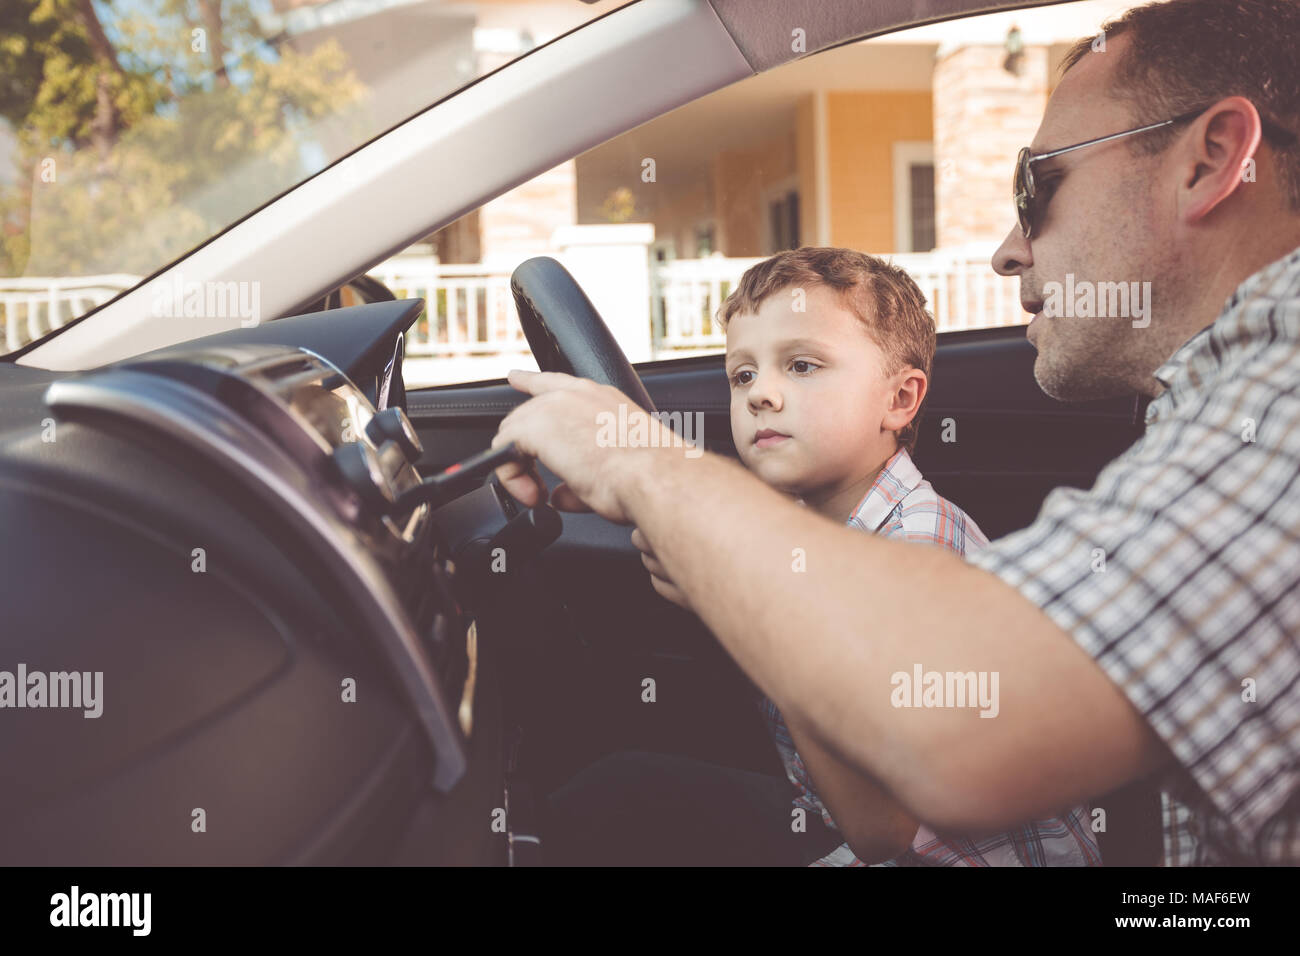 Felice il padre e il Figlio è seduto in macchina al giorno. La gente che ottiene pronto per il viaggio su strada. Concetto di famiglia felice. Immagini Stock